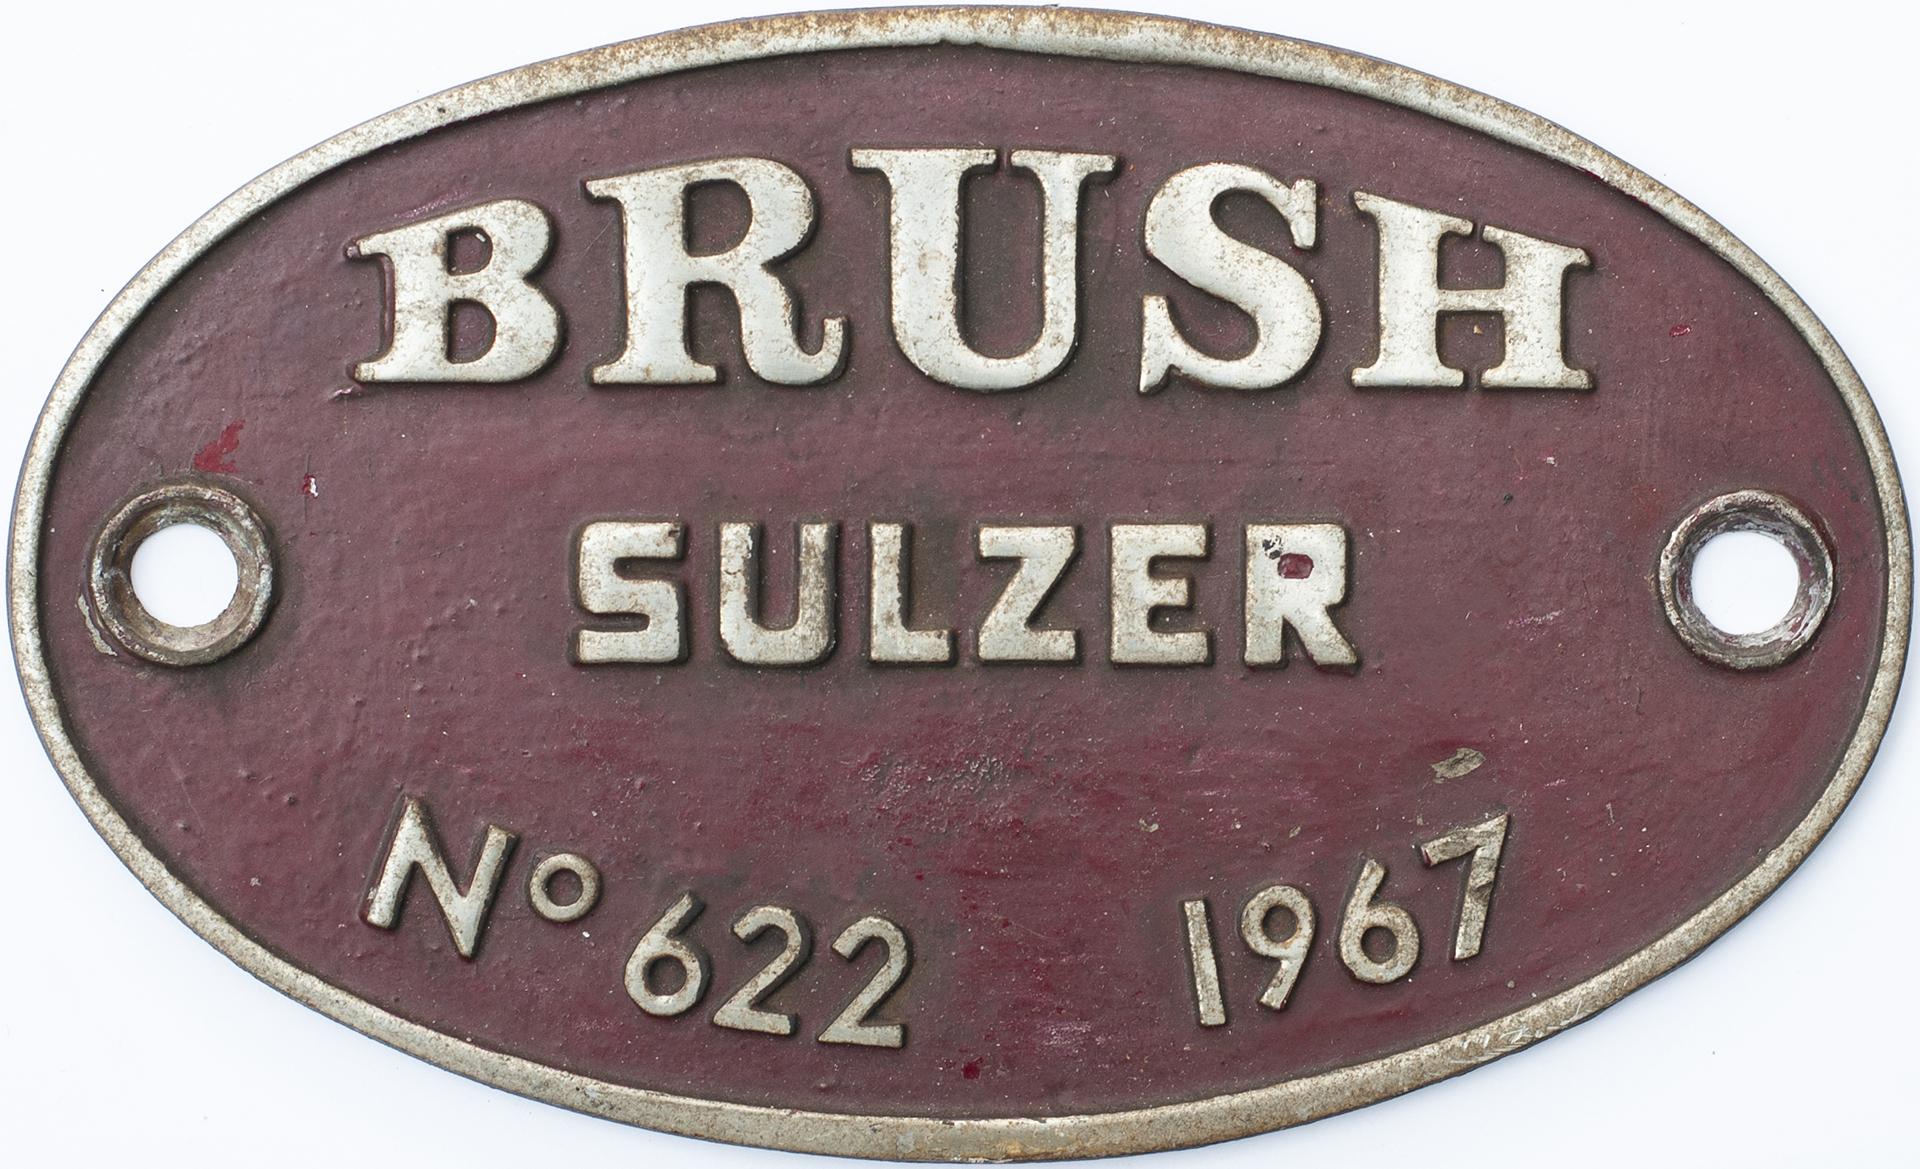 Worksplate BRUSH SULZER No 622 1967. These Were